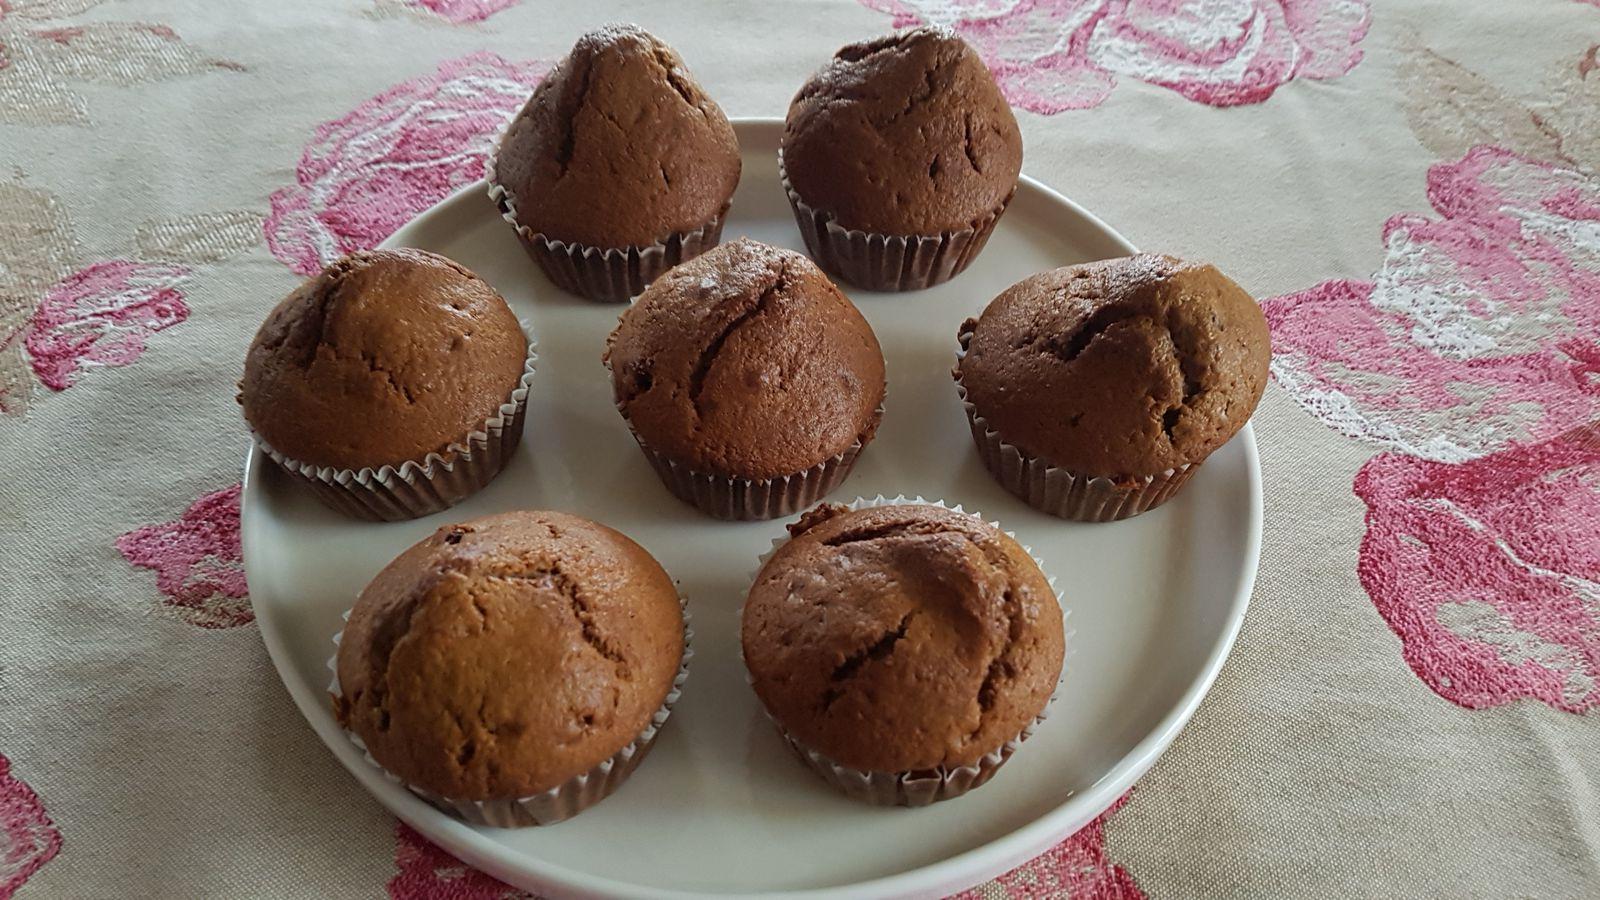 Muffins à la peau de banane et aux raisins secs